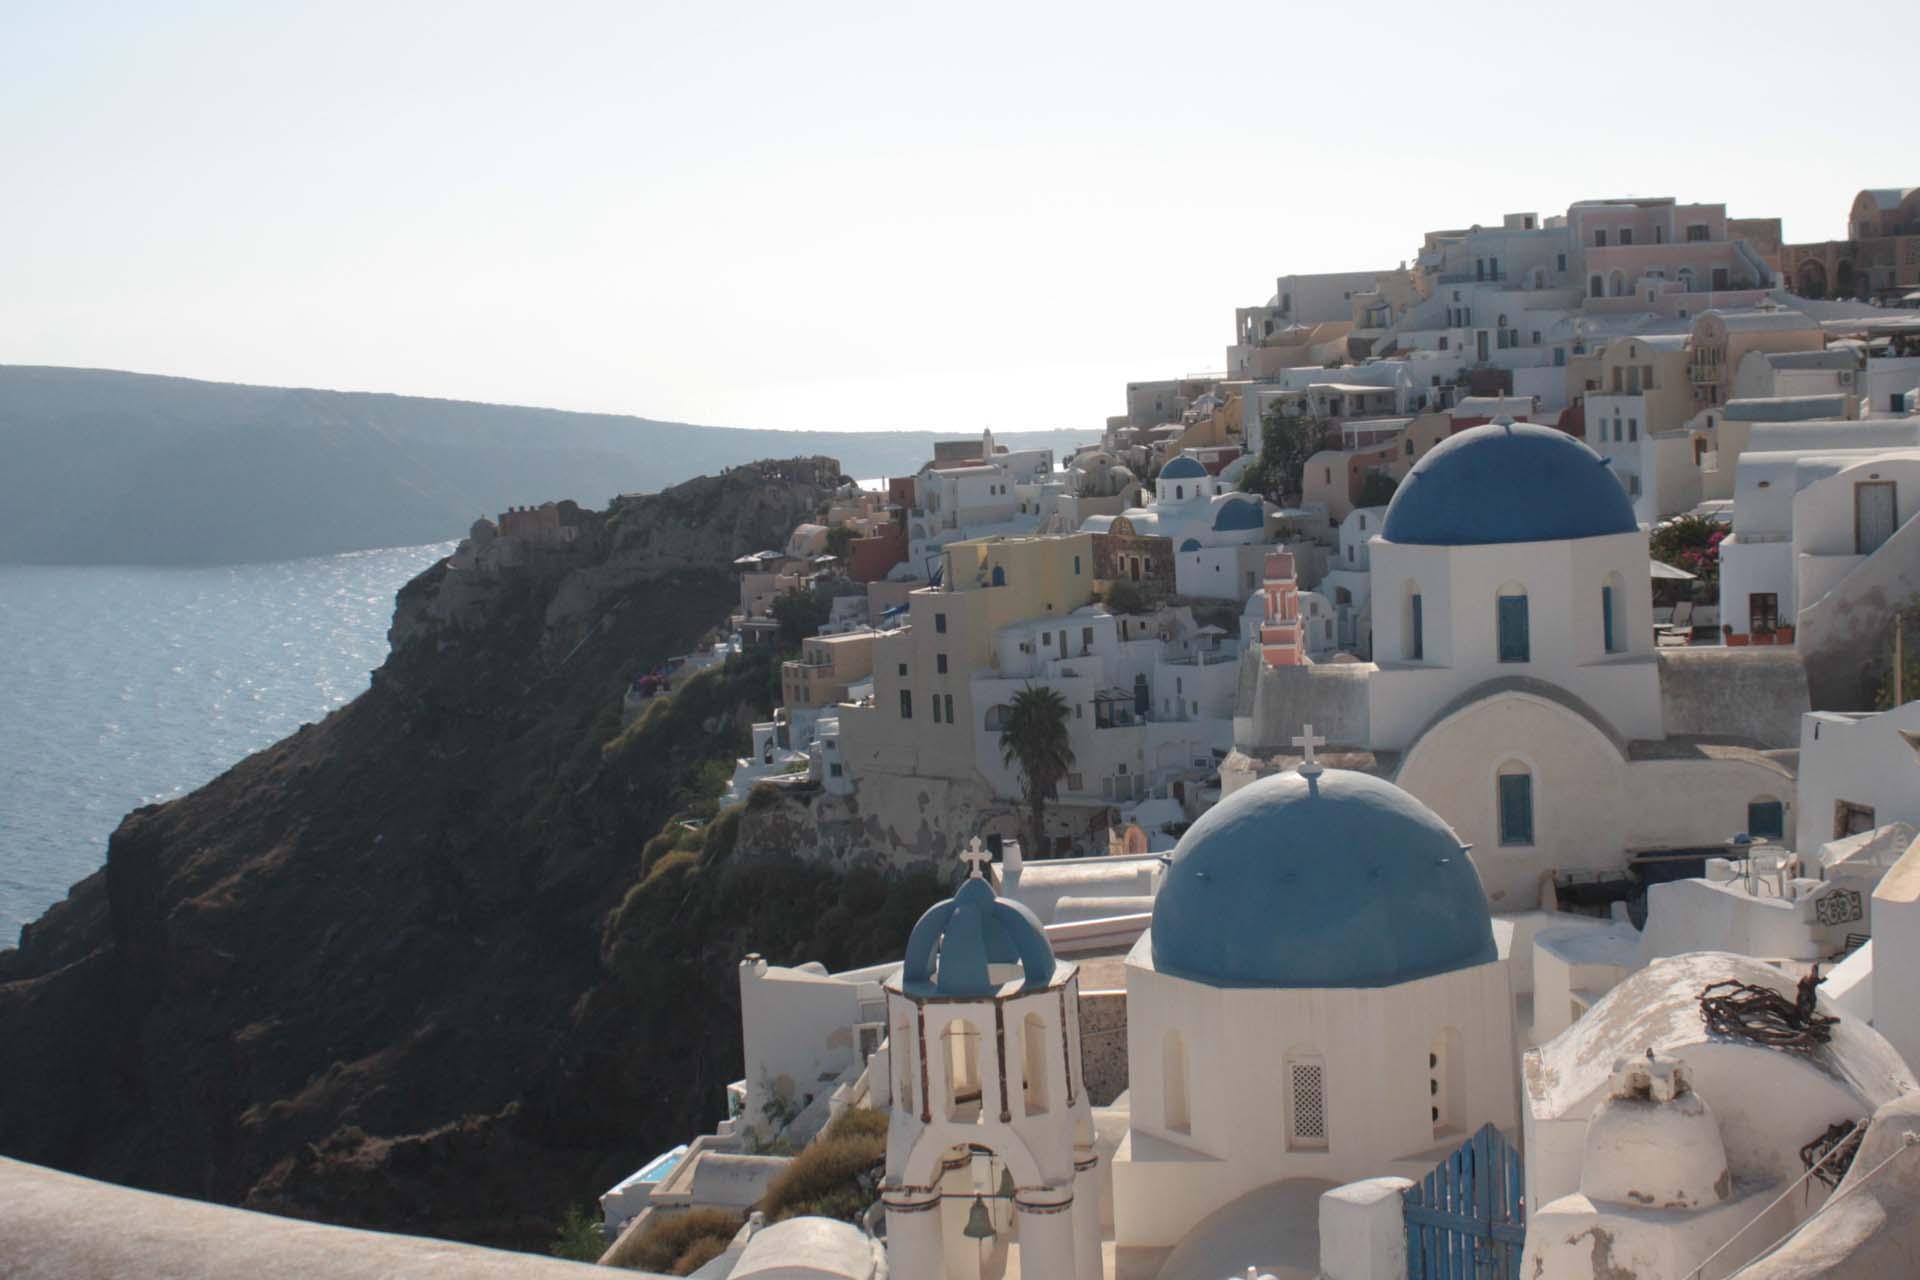 Vue de la ville d'Oia à Santorin maisons blanches et coupoles bleues